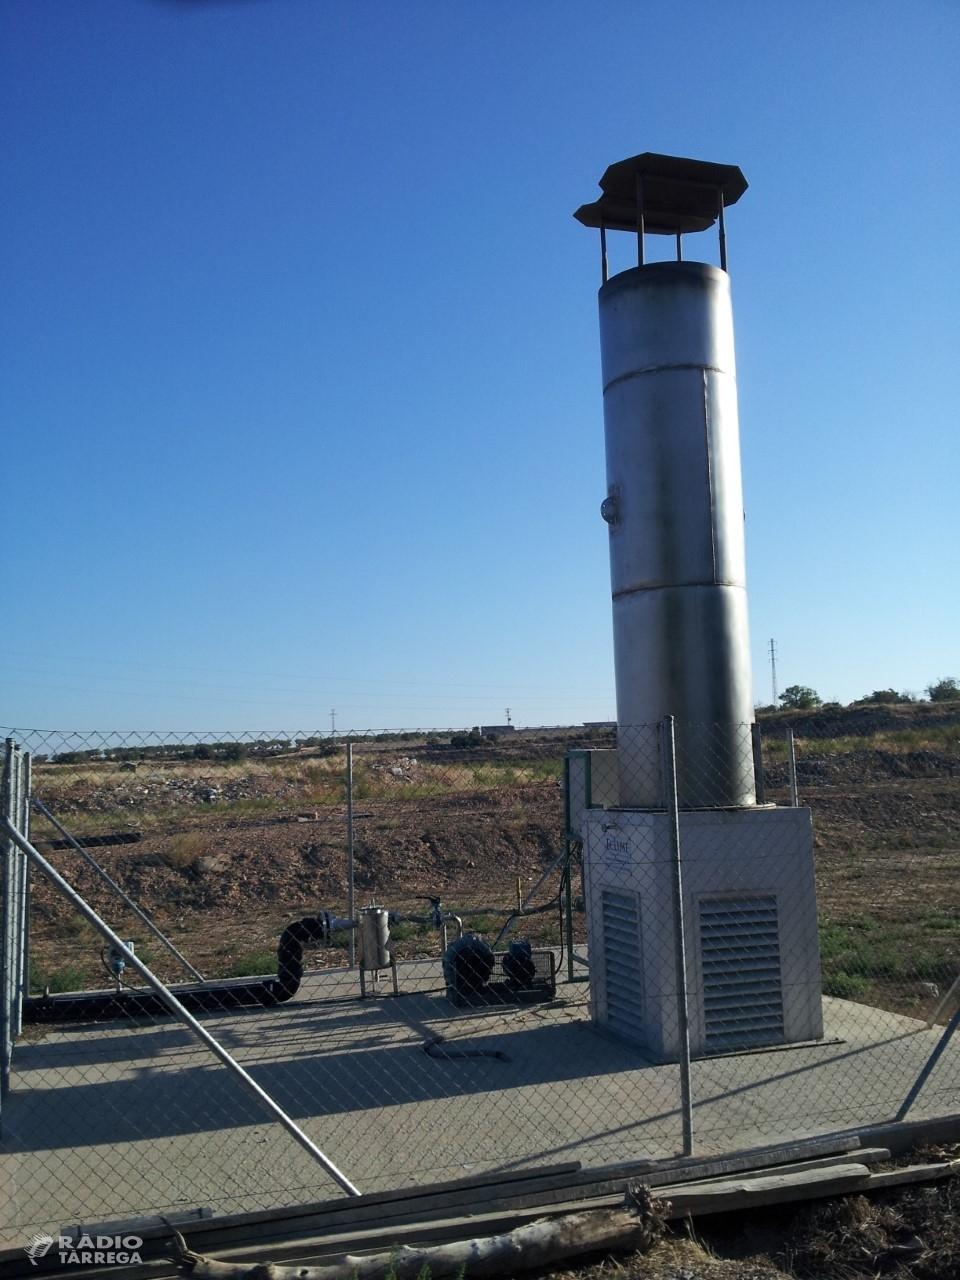 L'abocador de residus urbans de l'Urgell ha emès 120 tones de metà i 286 de CO2durant el 2019